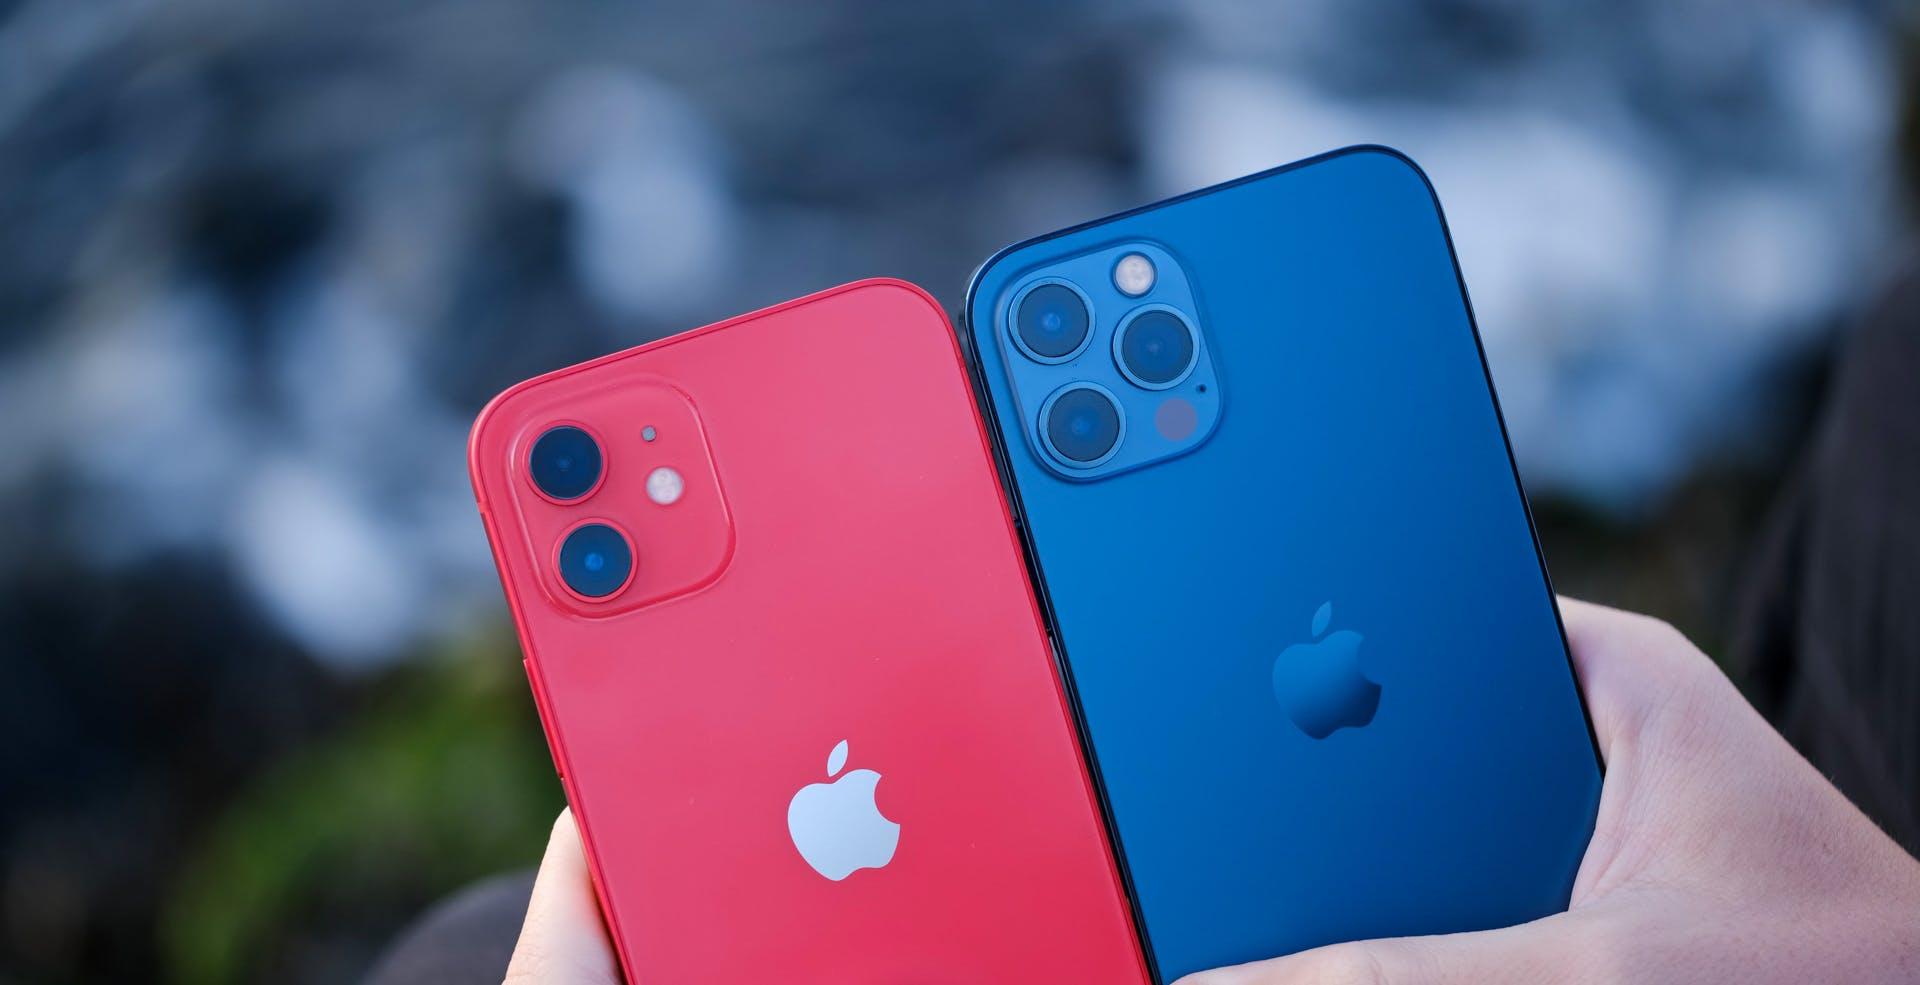 Le vendite record di iPhone fanno segnare ad Apple il miglior terzo trimestre della sua storia: 81,4 miliardi di dollari il fatturato